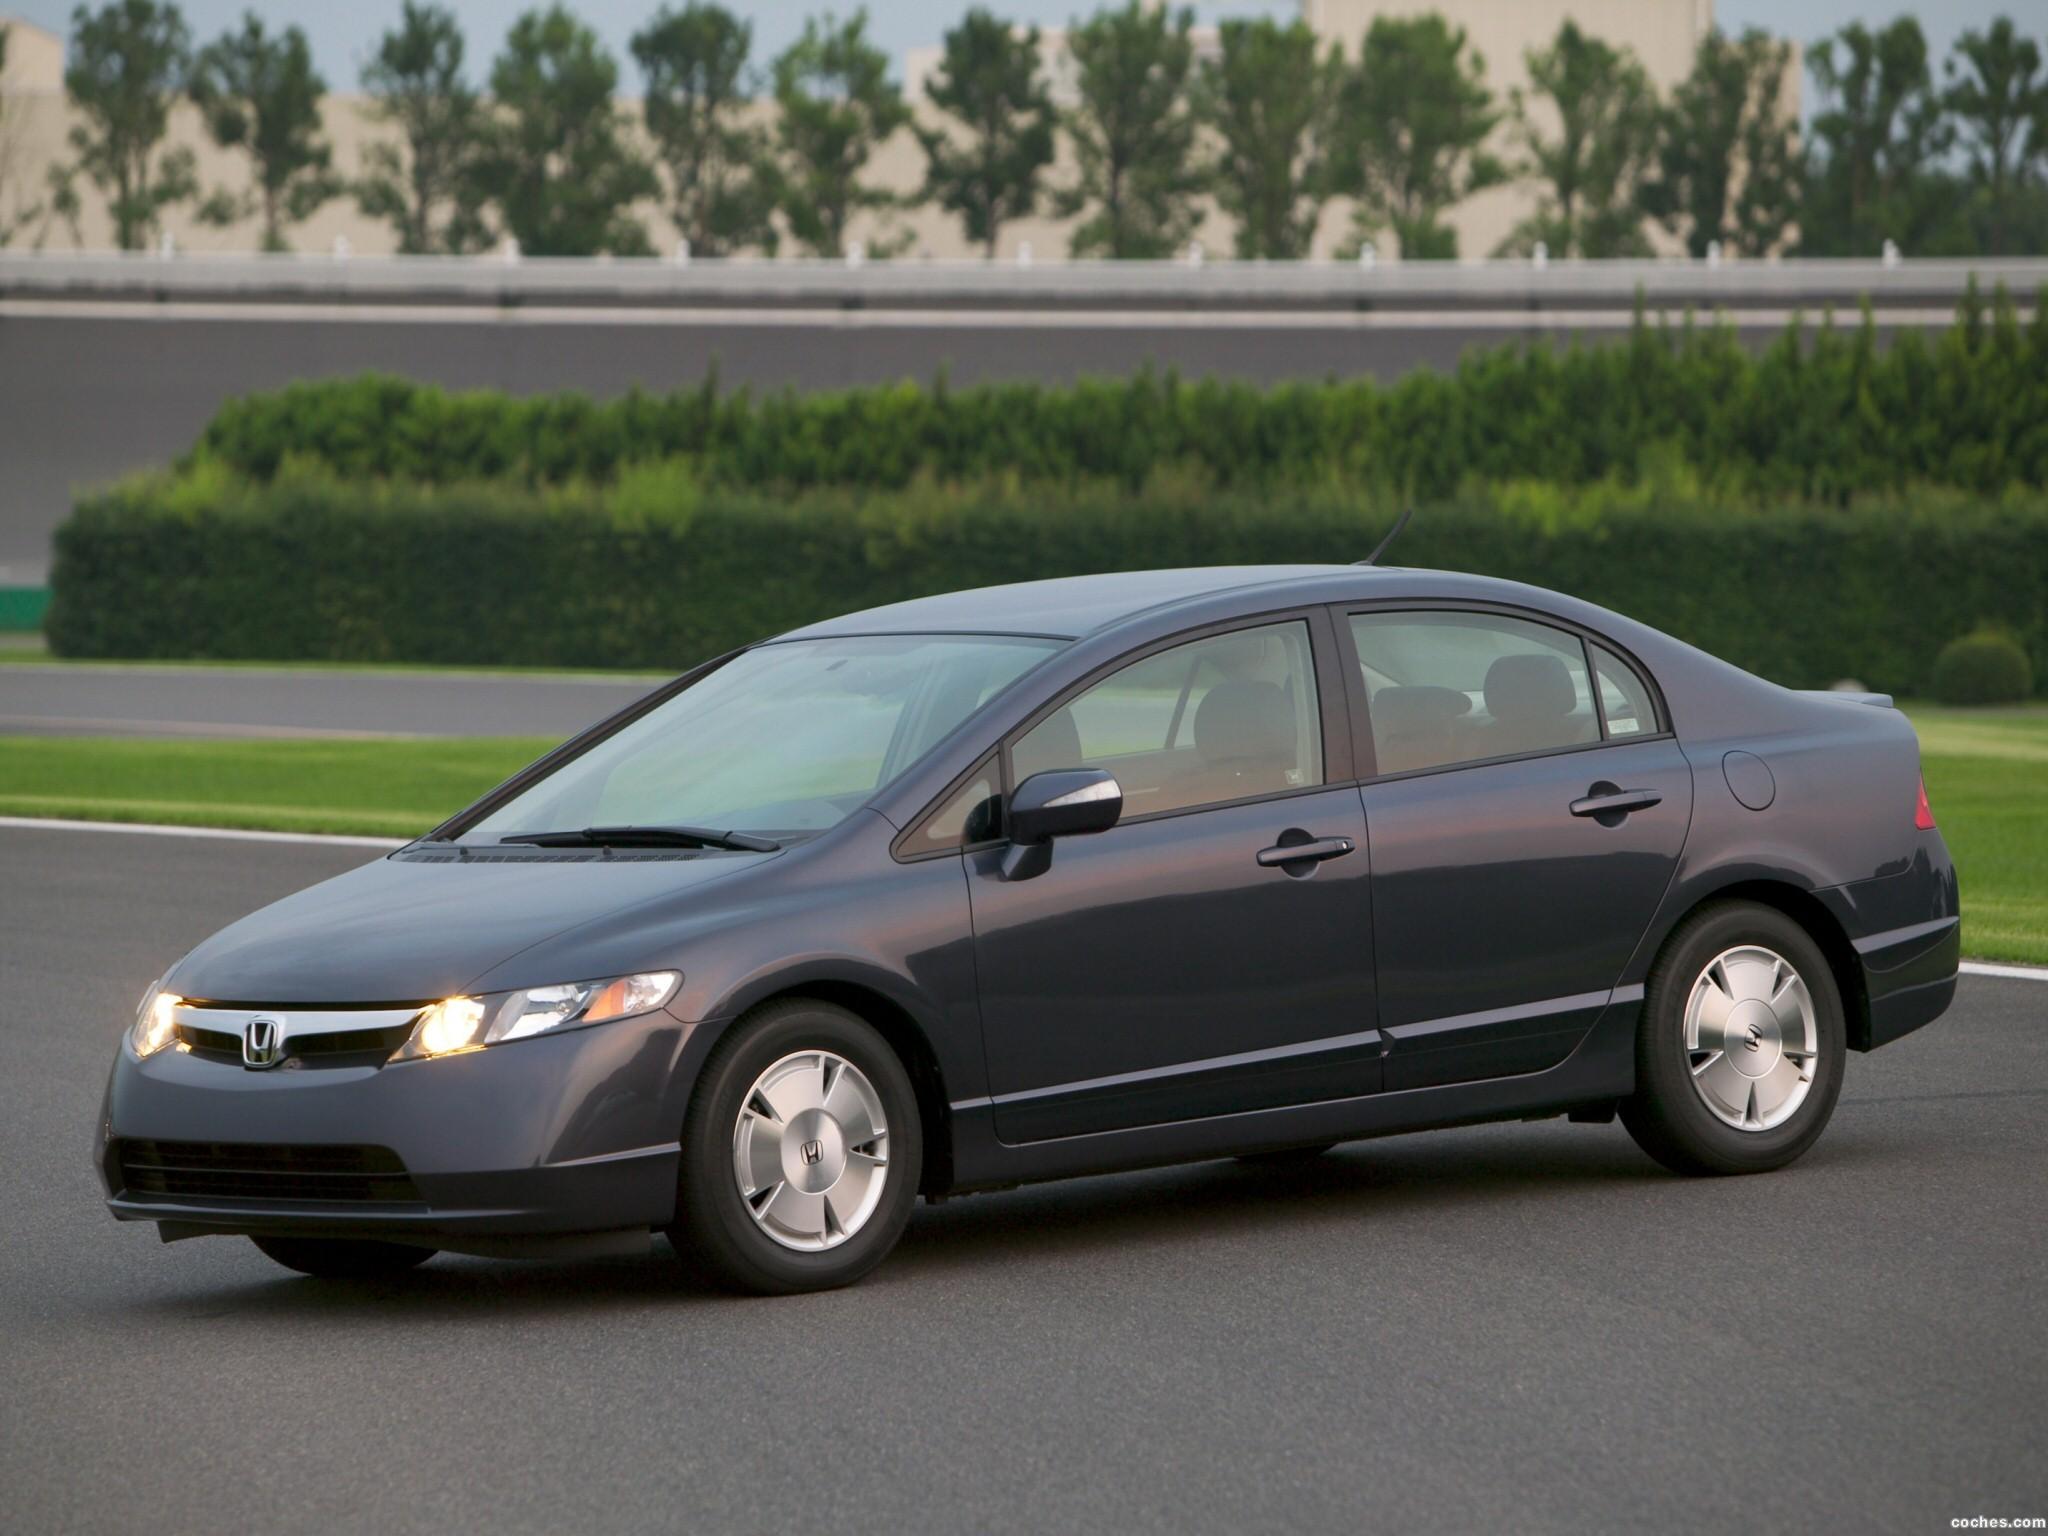 Foto 5 de Honda Civic Hybrid USA 2006